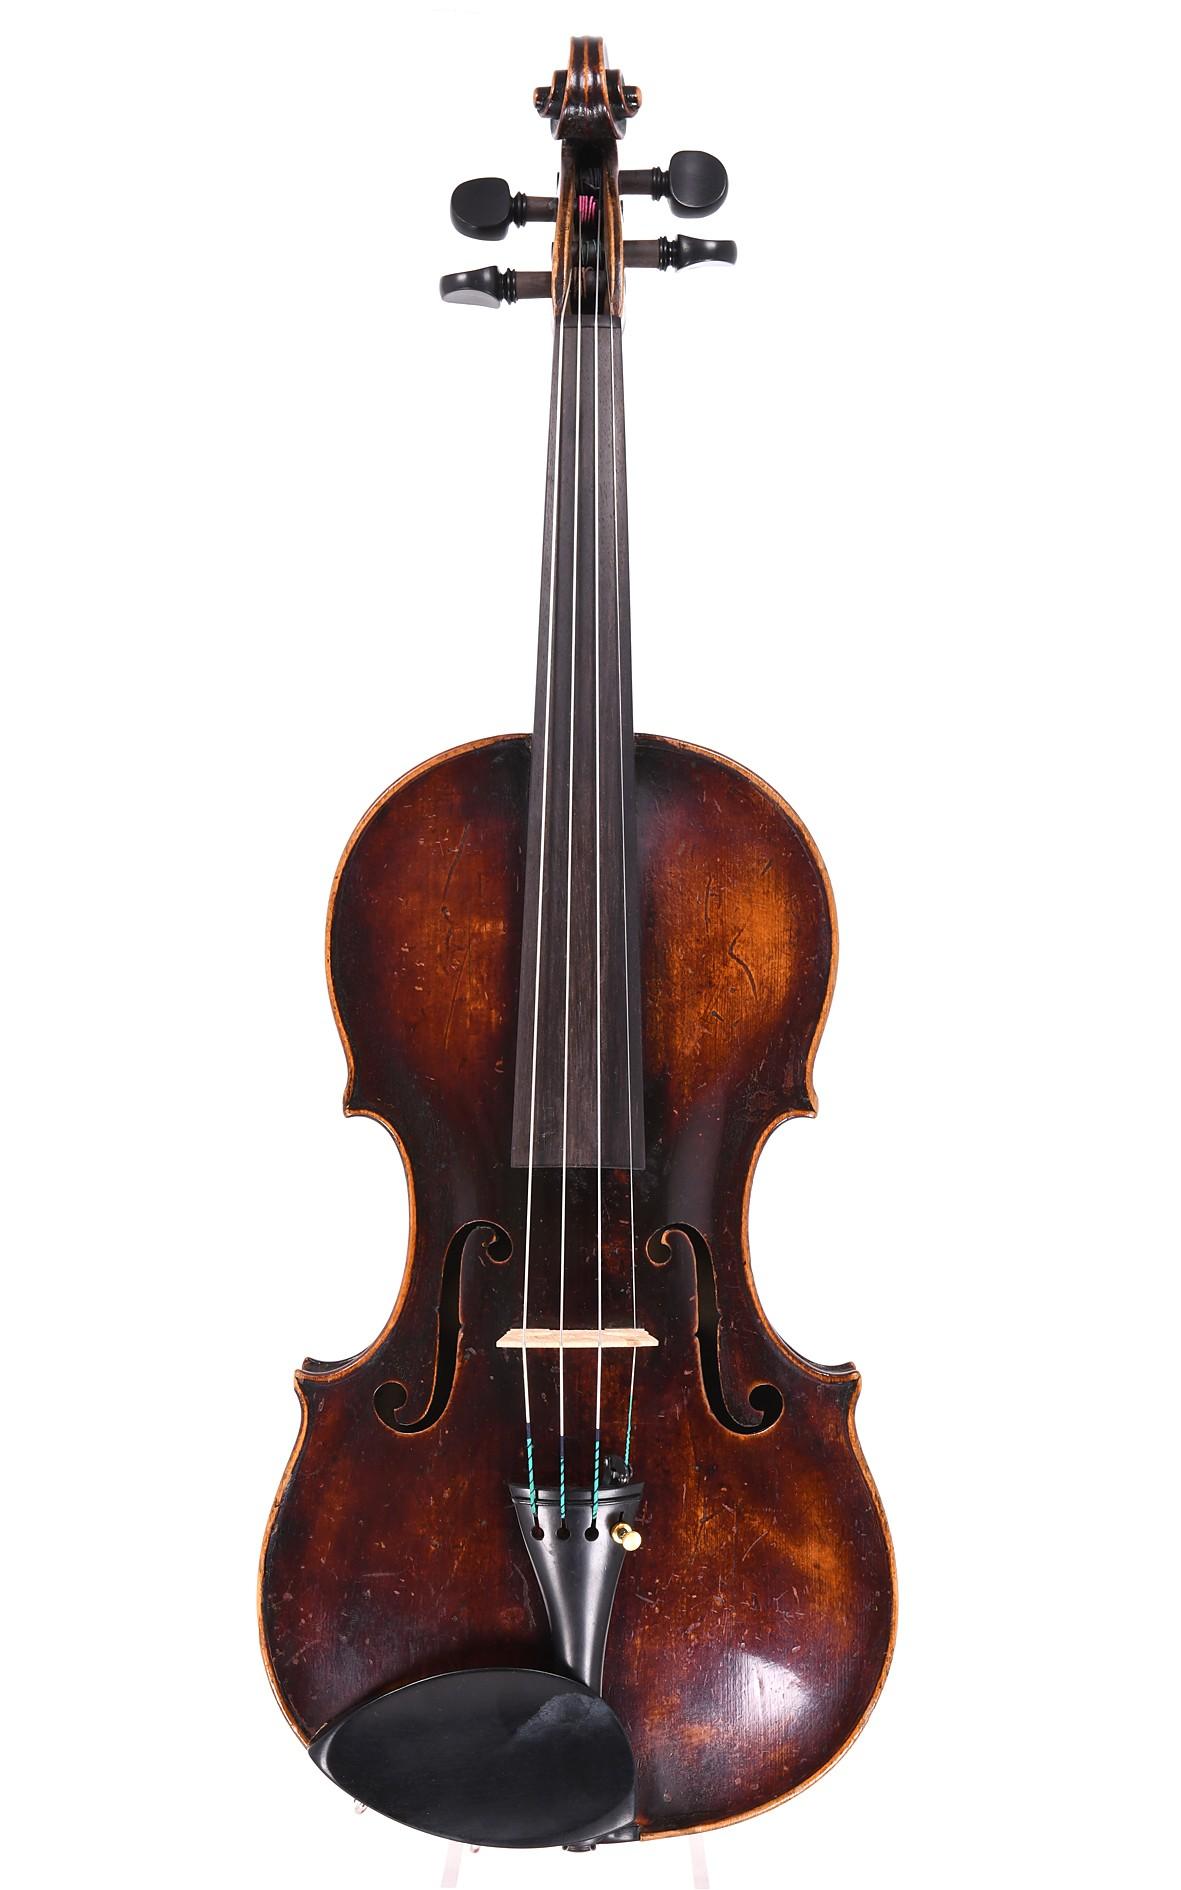 Fine Mittenwald violin by Peter Hornsteiner, circa 1790